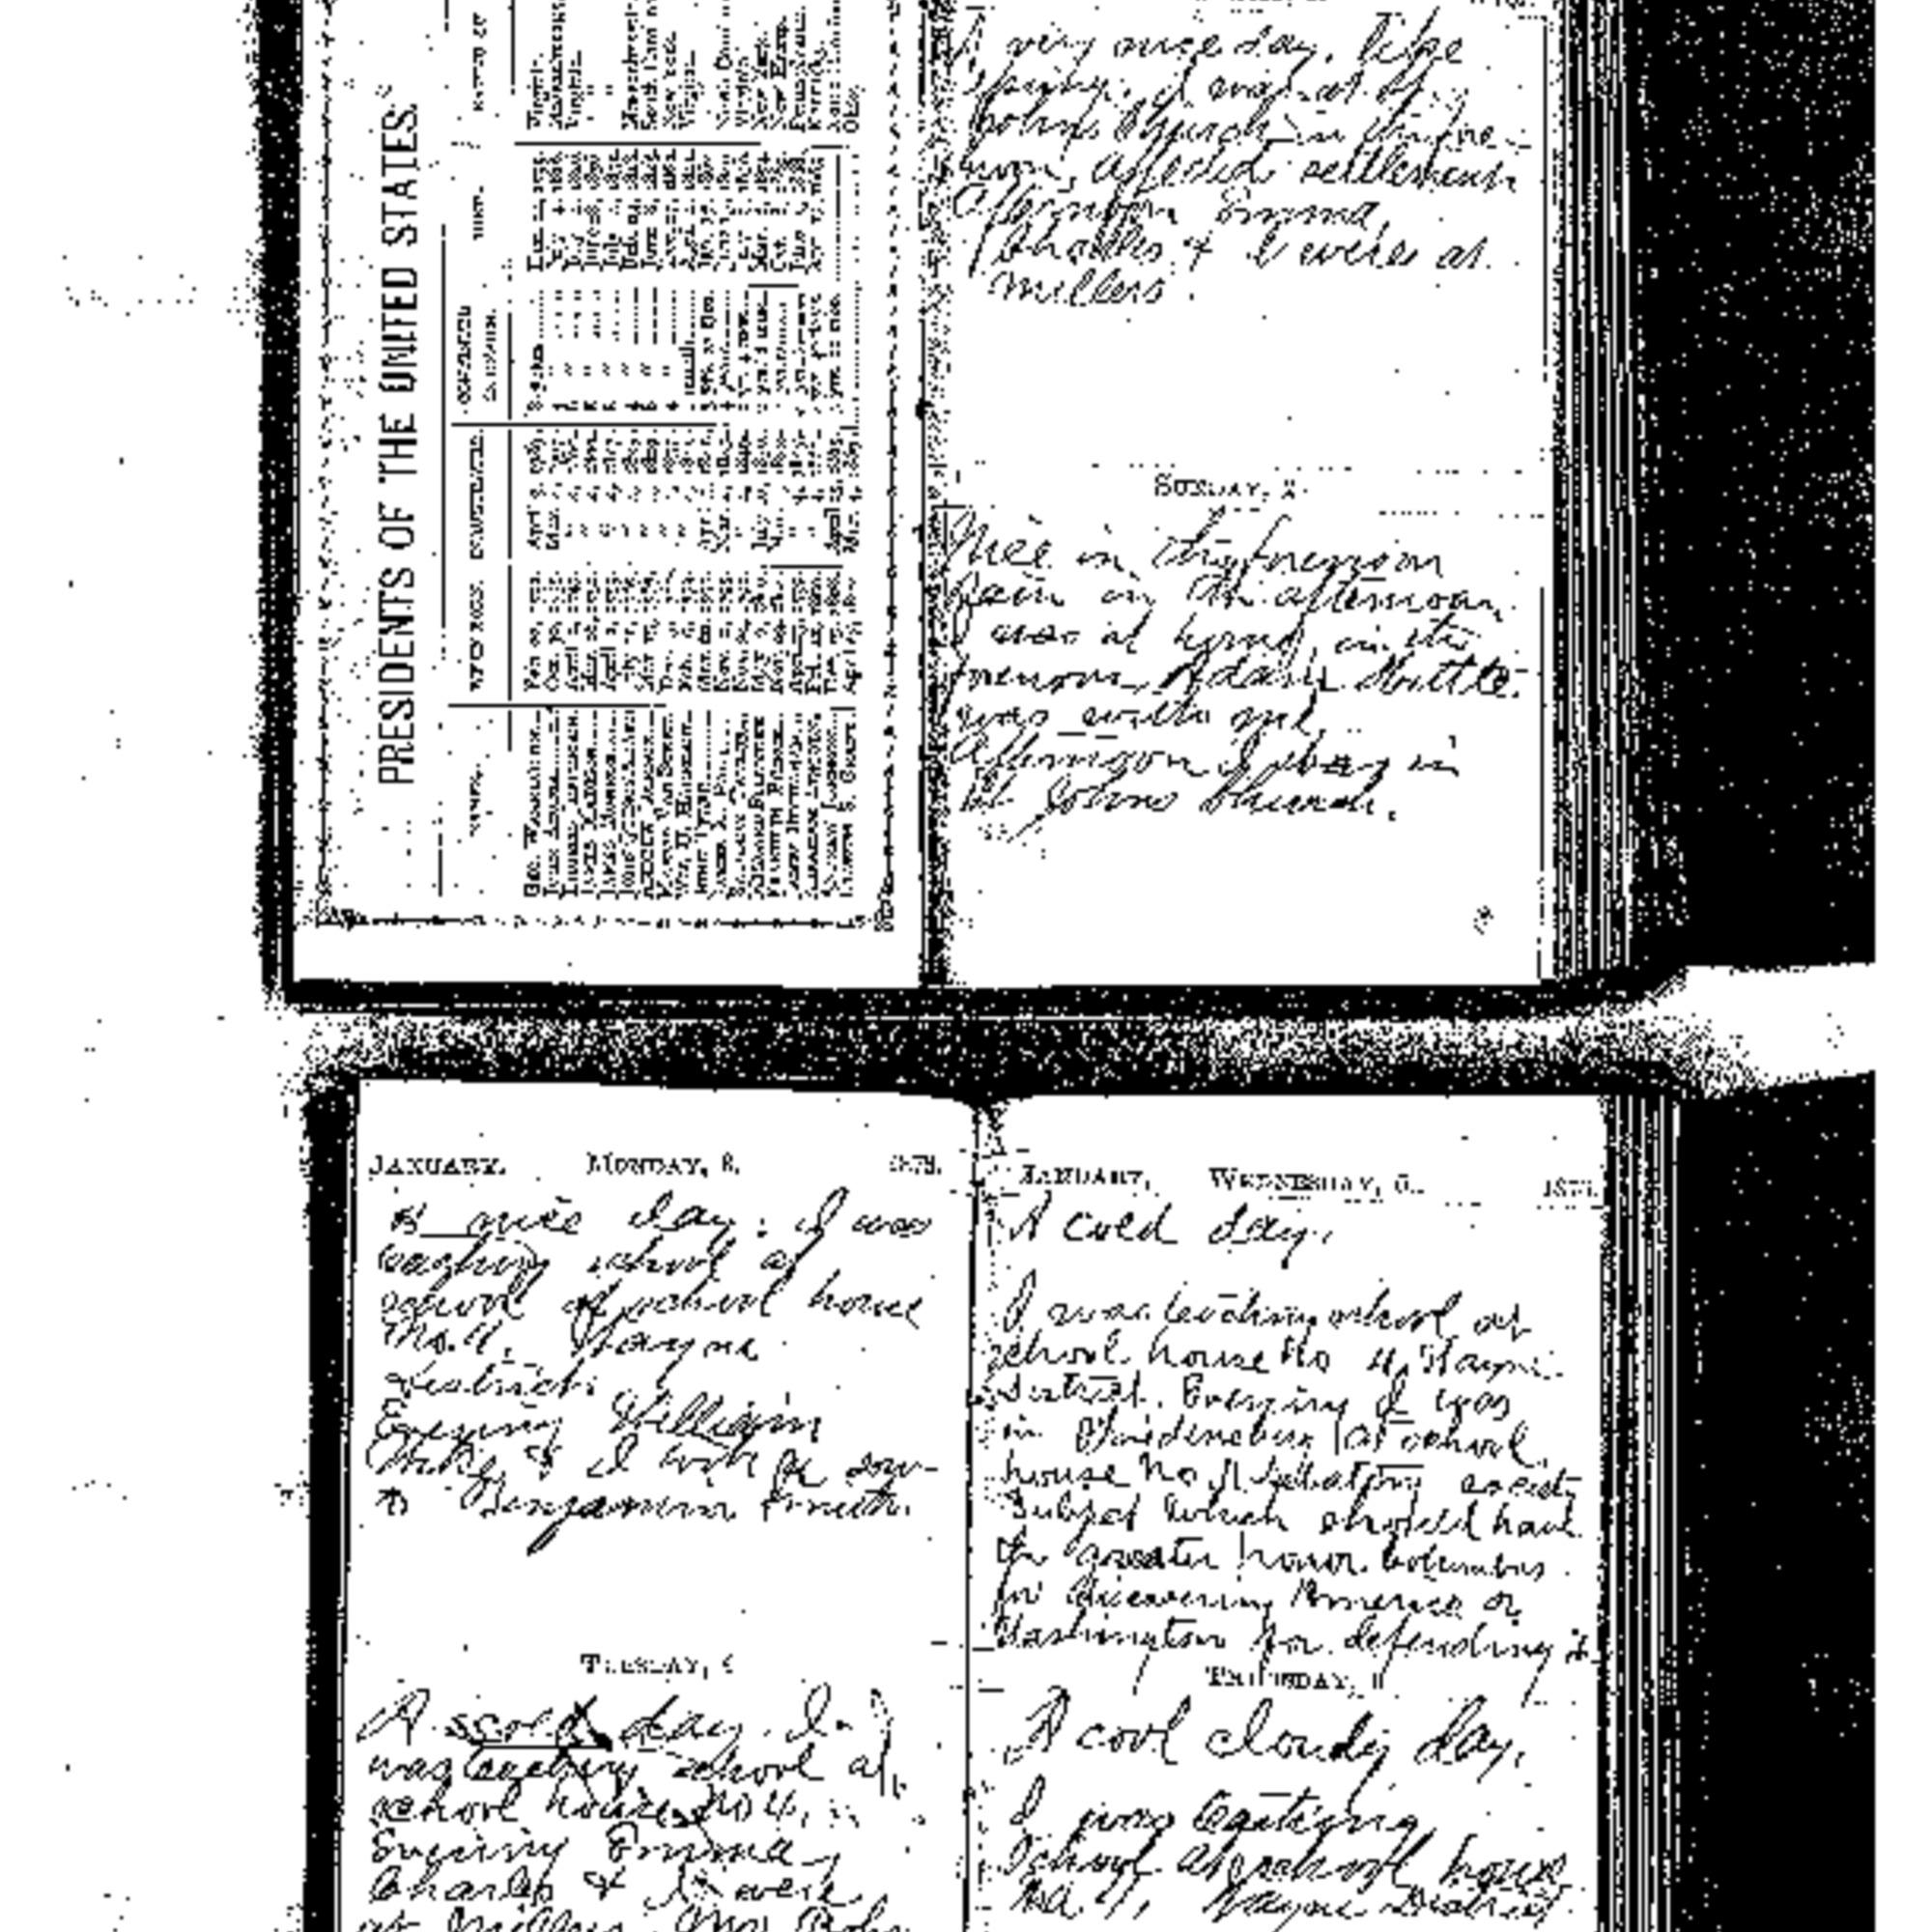 1876 Diary